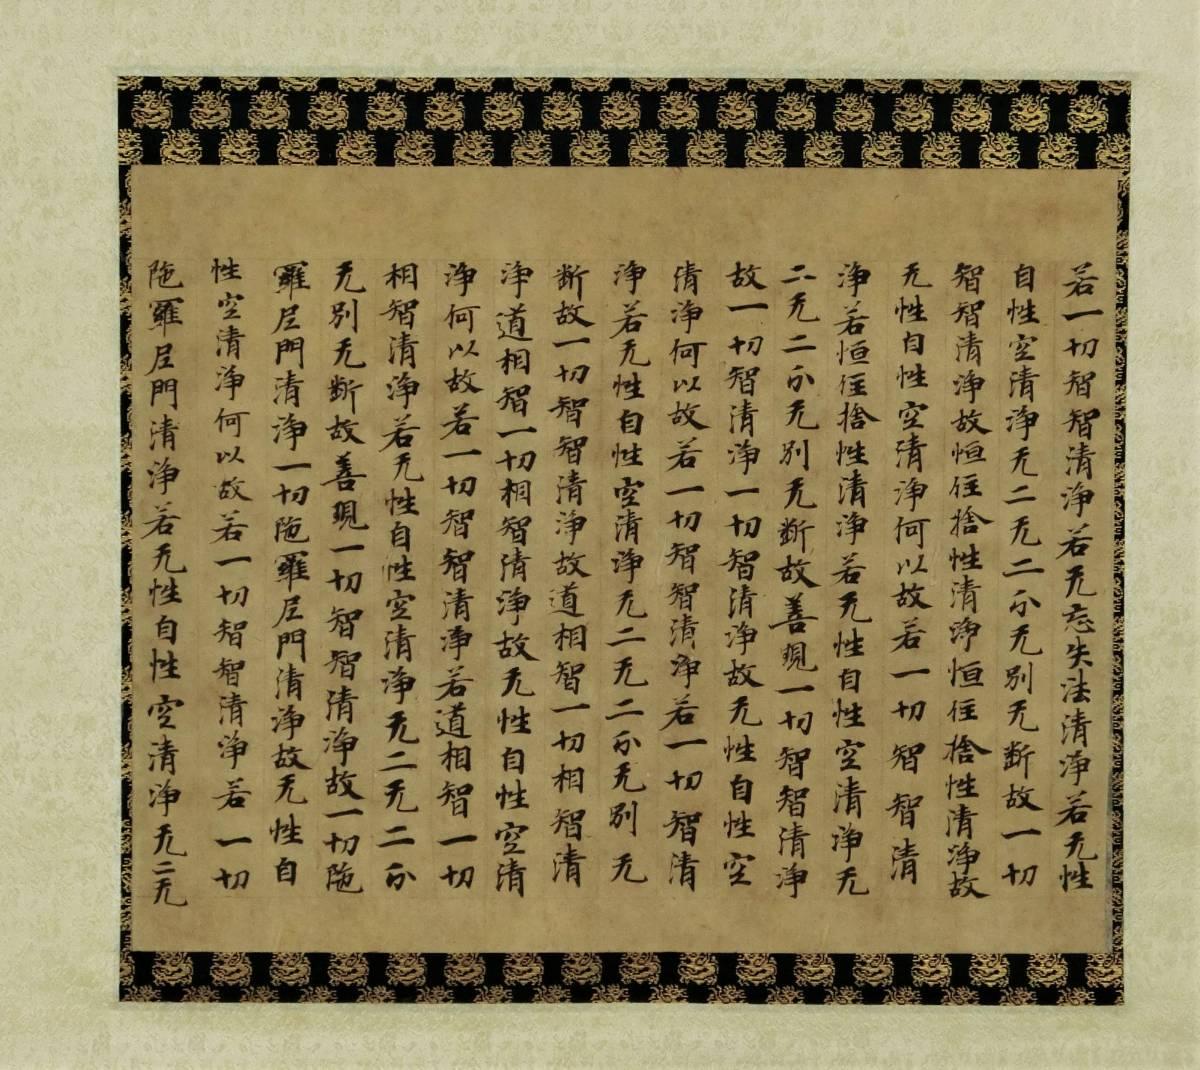 【古写経・掛軸】 天平経 十七行 天平時代 奈良時代 箱書あり  仏教美術 仏画